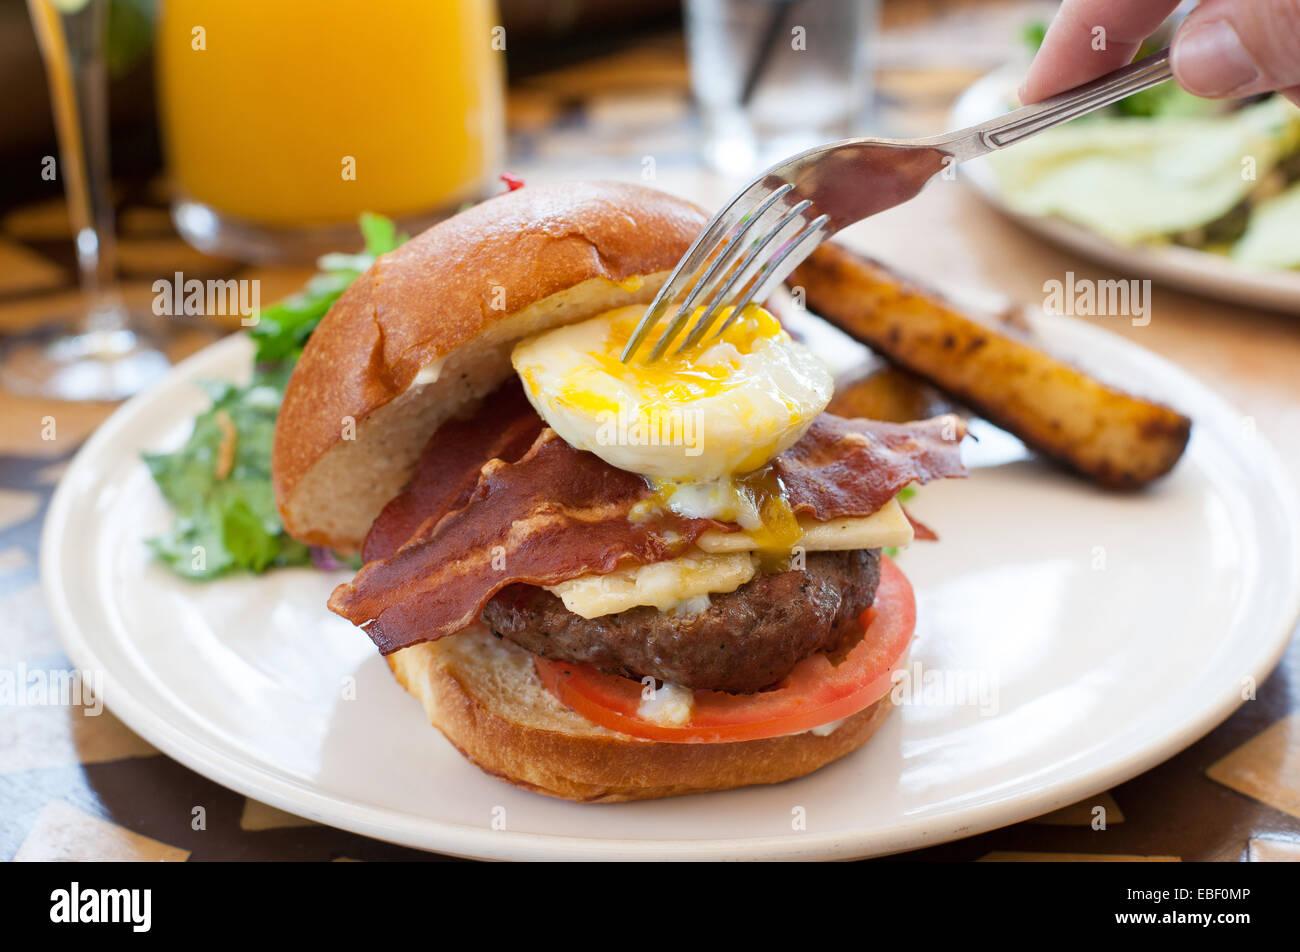 Fork breaking yoke on a breakfast burger - Stock Image